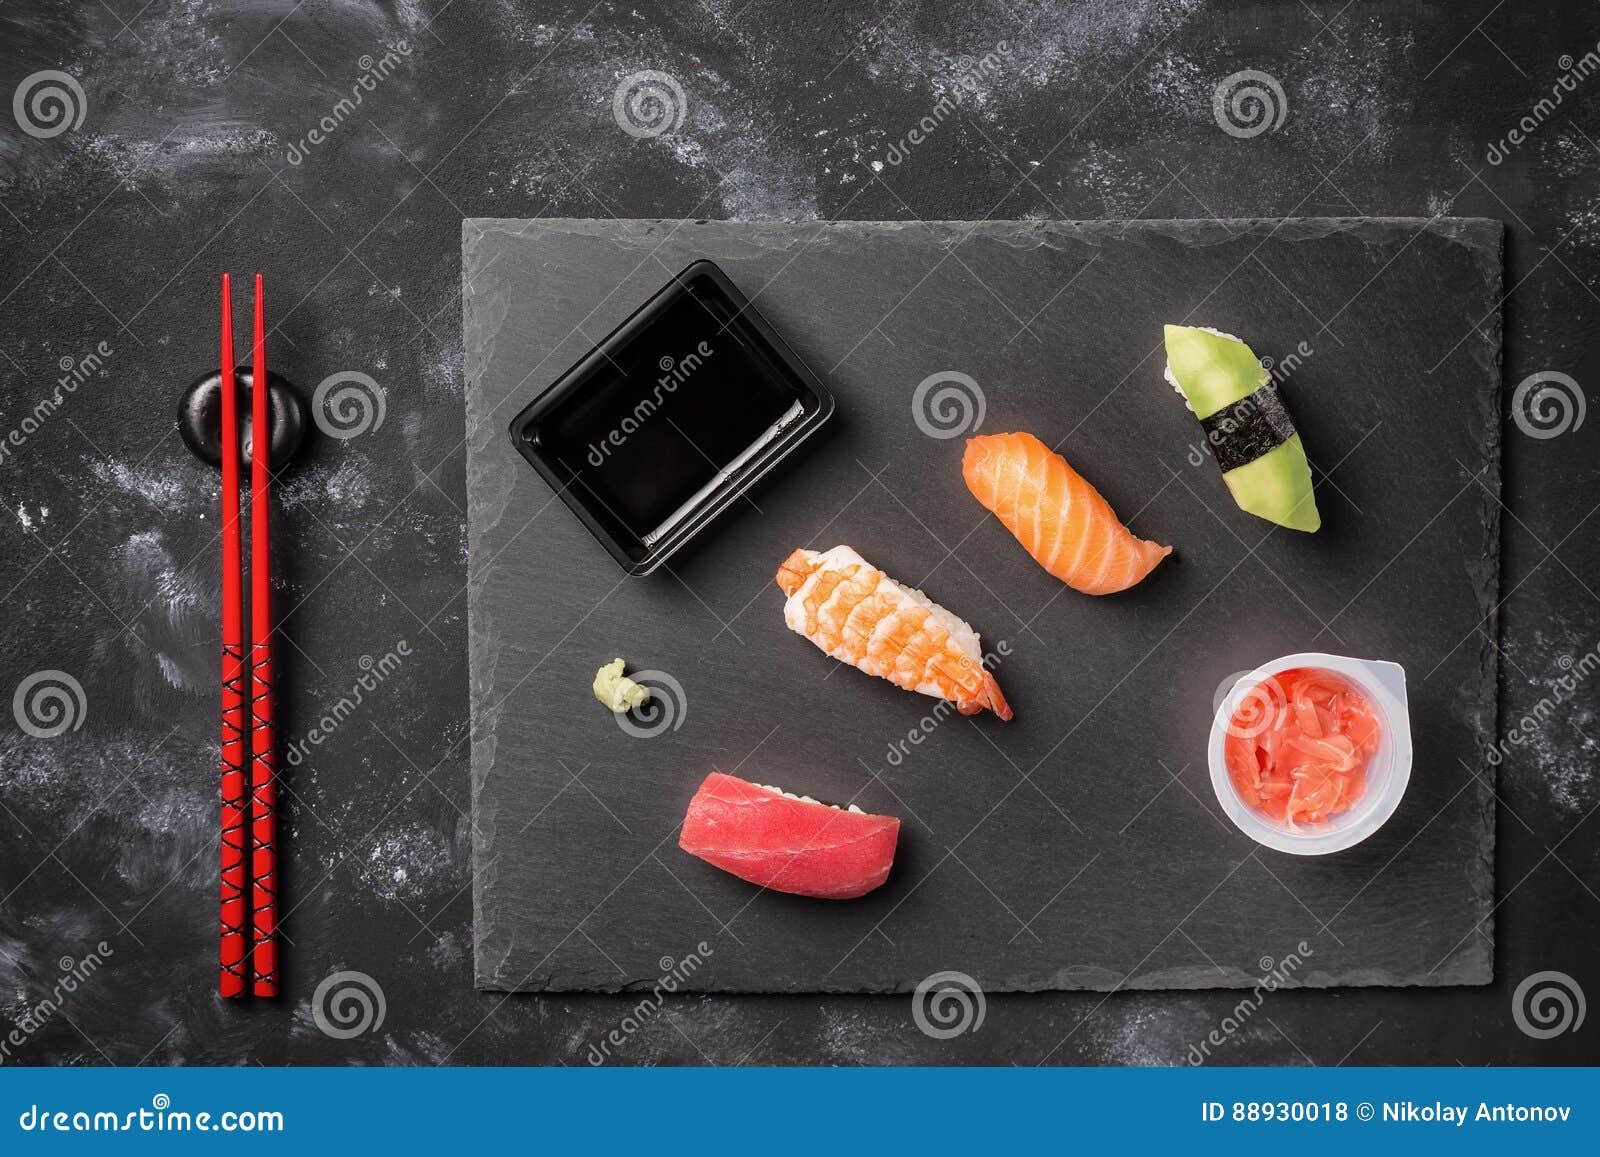 Piatti Cucina In Ardesia : Moderno rosso e bianco polka dot cucina con piatto grande piastra